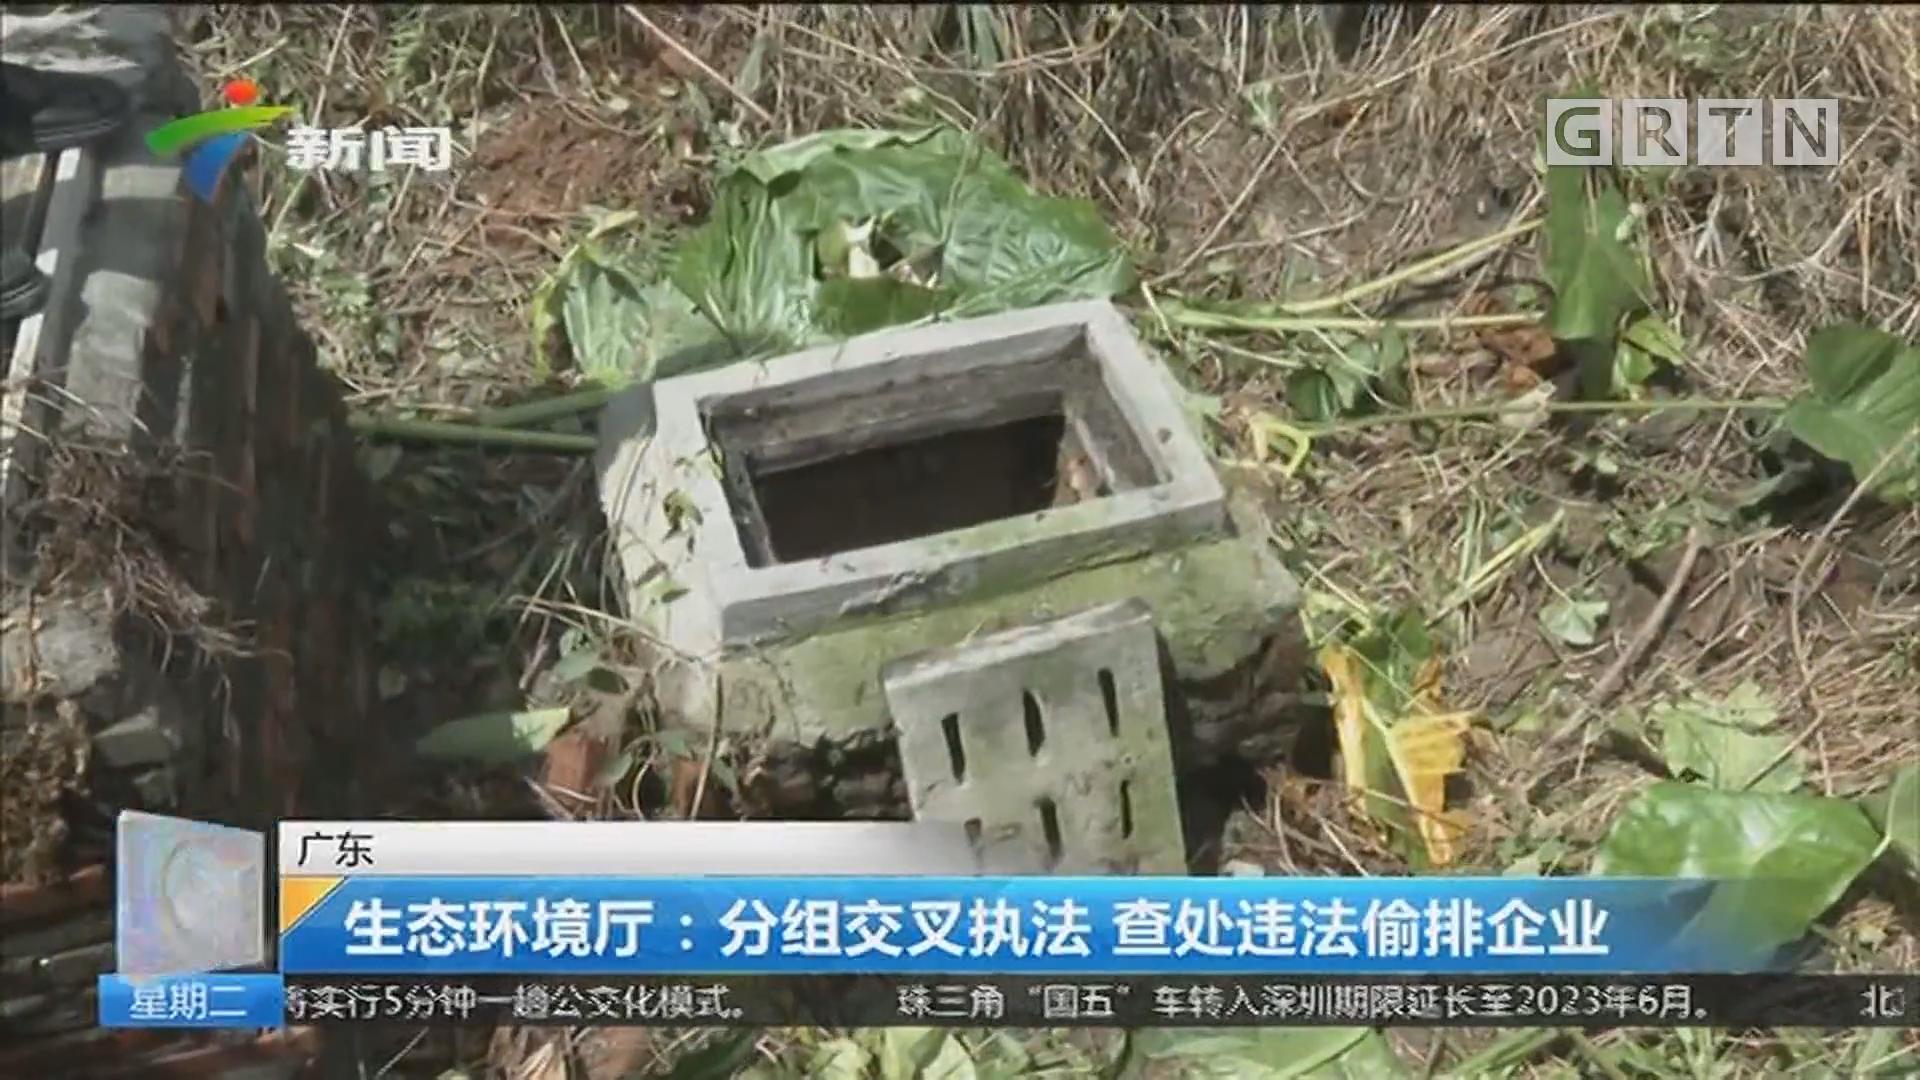 广东 生态环境厅:分组交叉执法 查处违法偷排企业